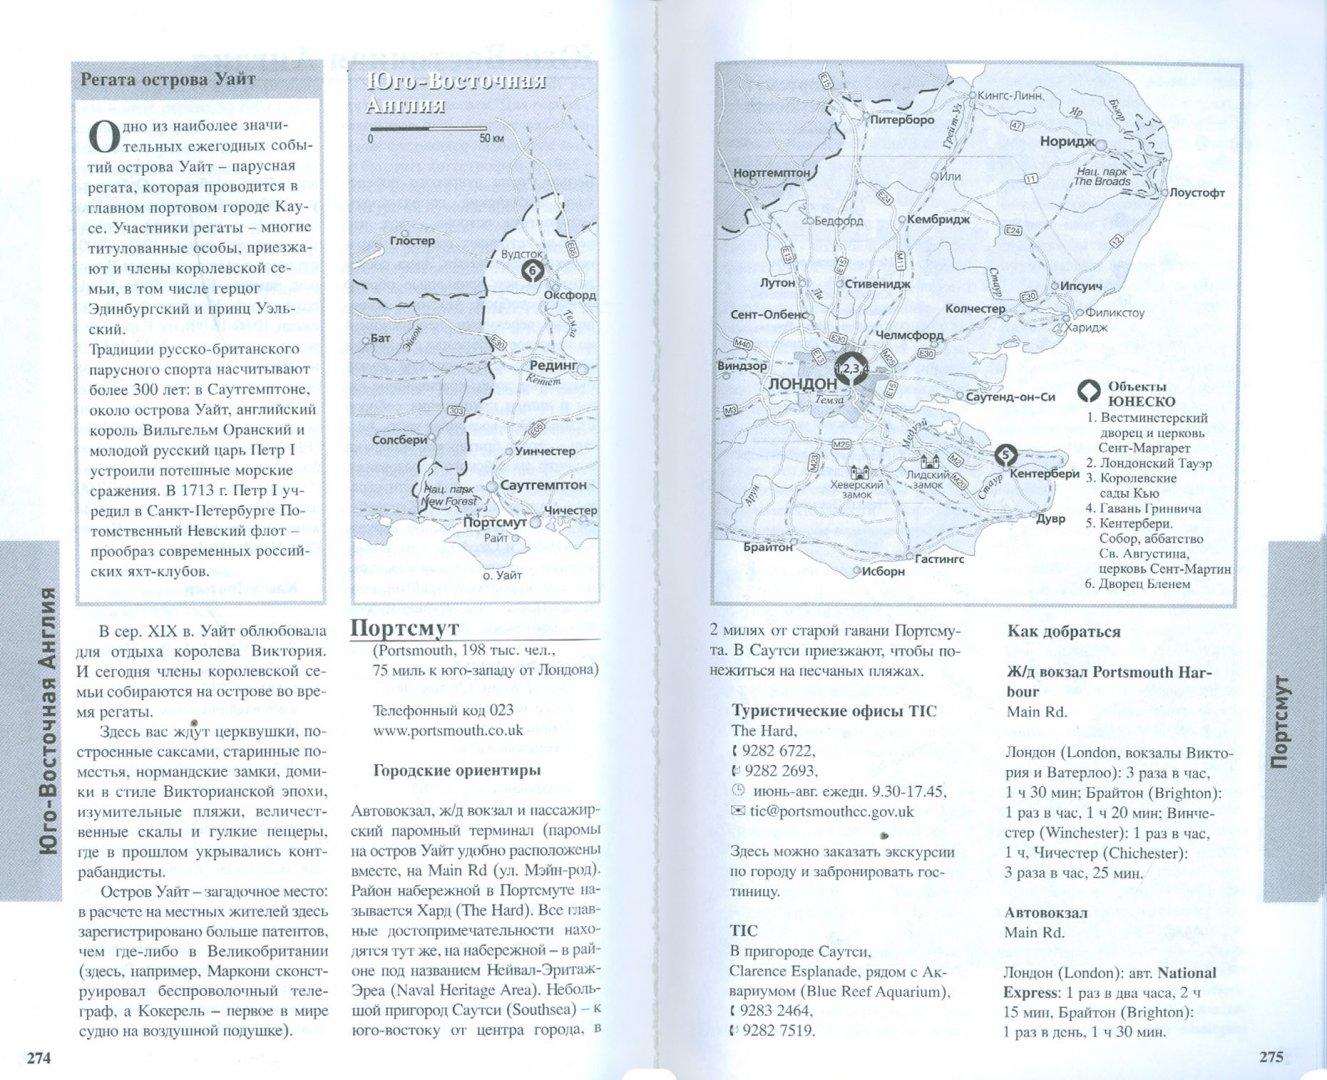 Иллюстрация 1 из 31 для Великобритания - Бакир, Любимов | Лабиринт - книги. Источник: Лабиринт